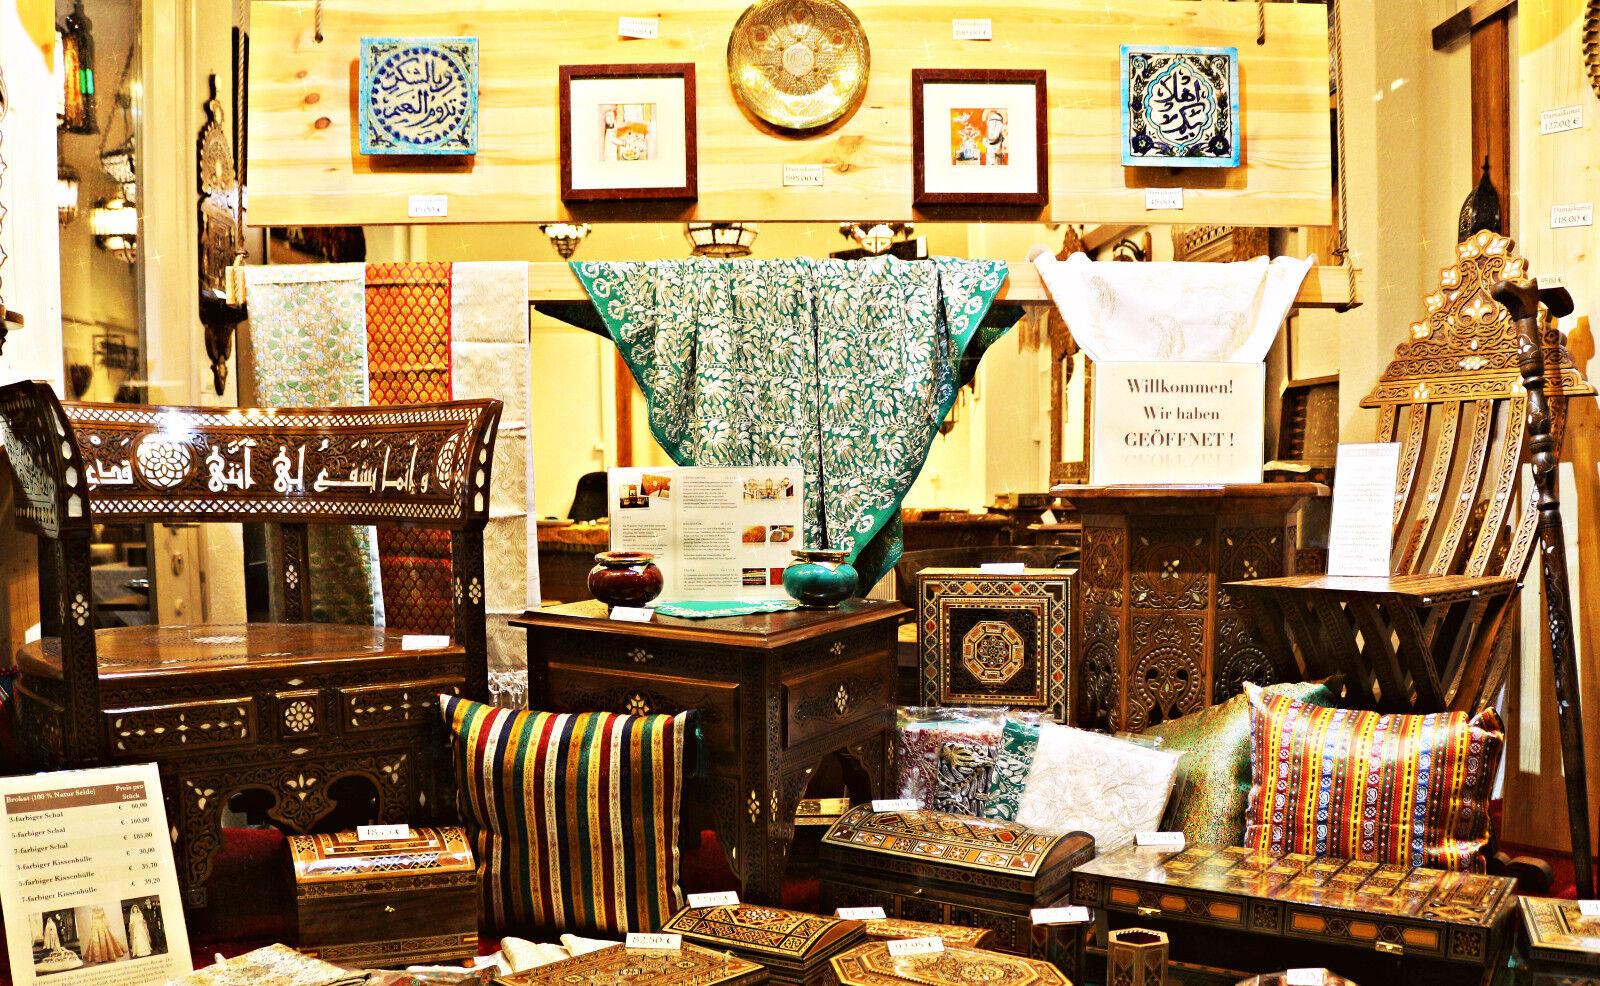 70x110 cm orientalischer teppich carpet matte kelim aus damaskunst s 1 2 1 eur 27 00. Black Bedroom Furniture Sets. Home Design Ideas